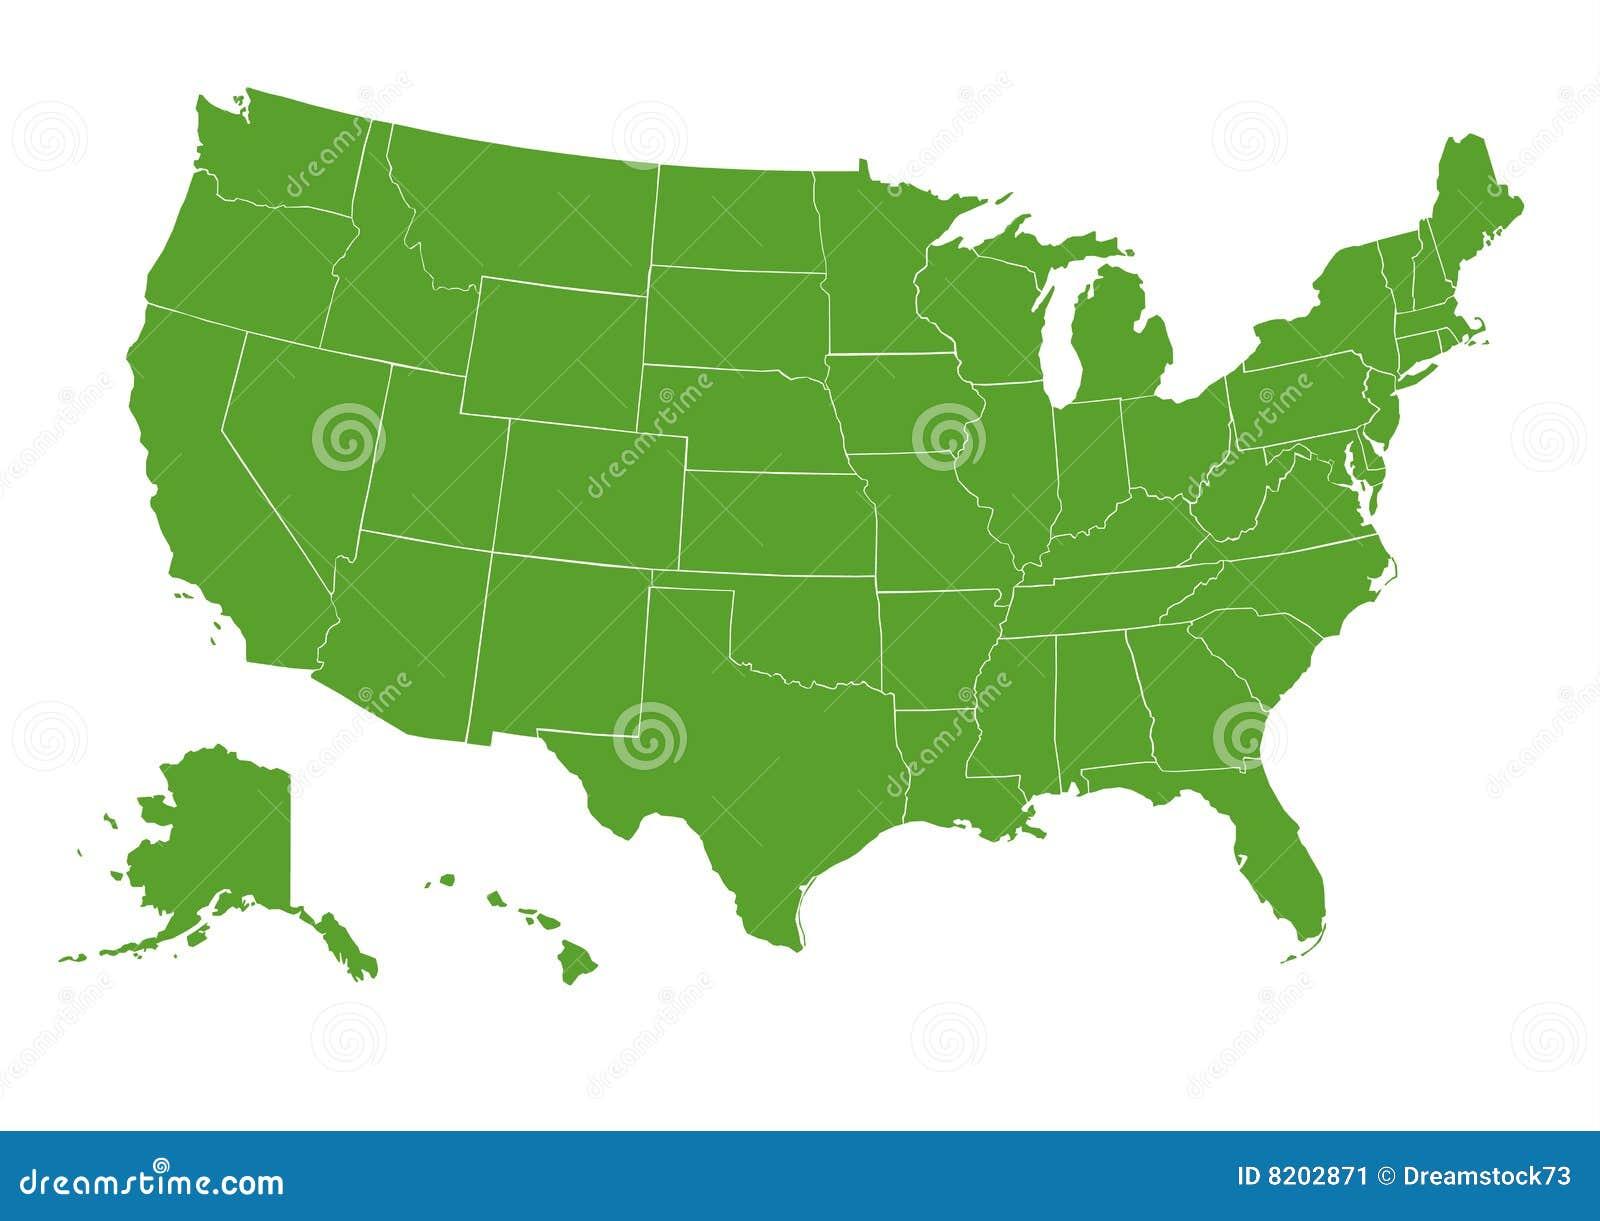 USA Map Green Stock Image - Image: 8202871